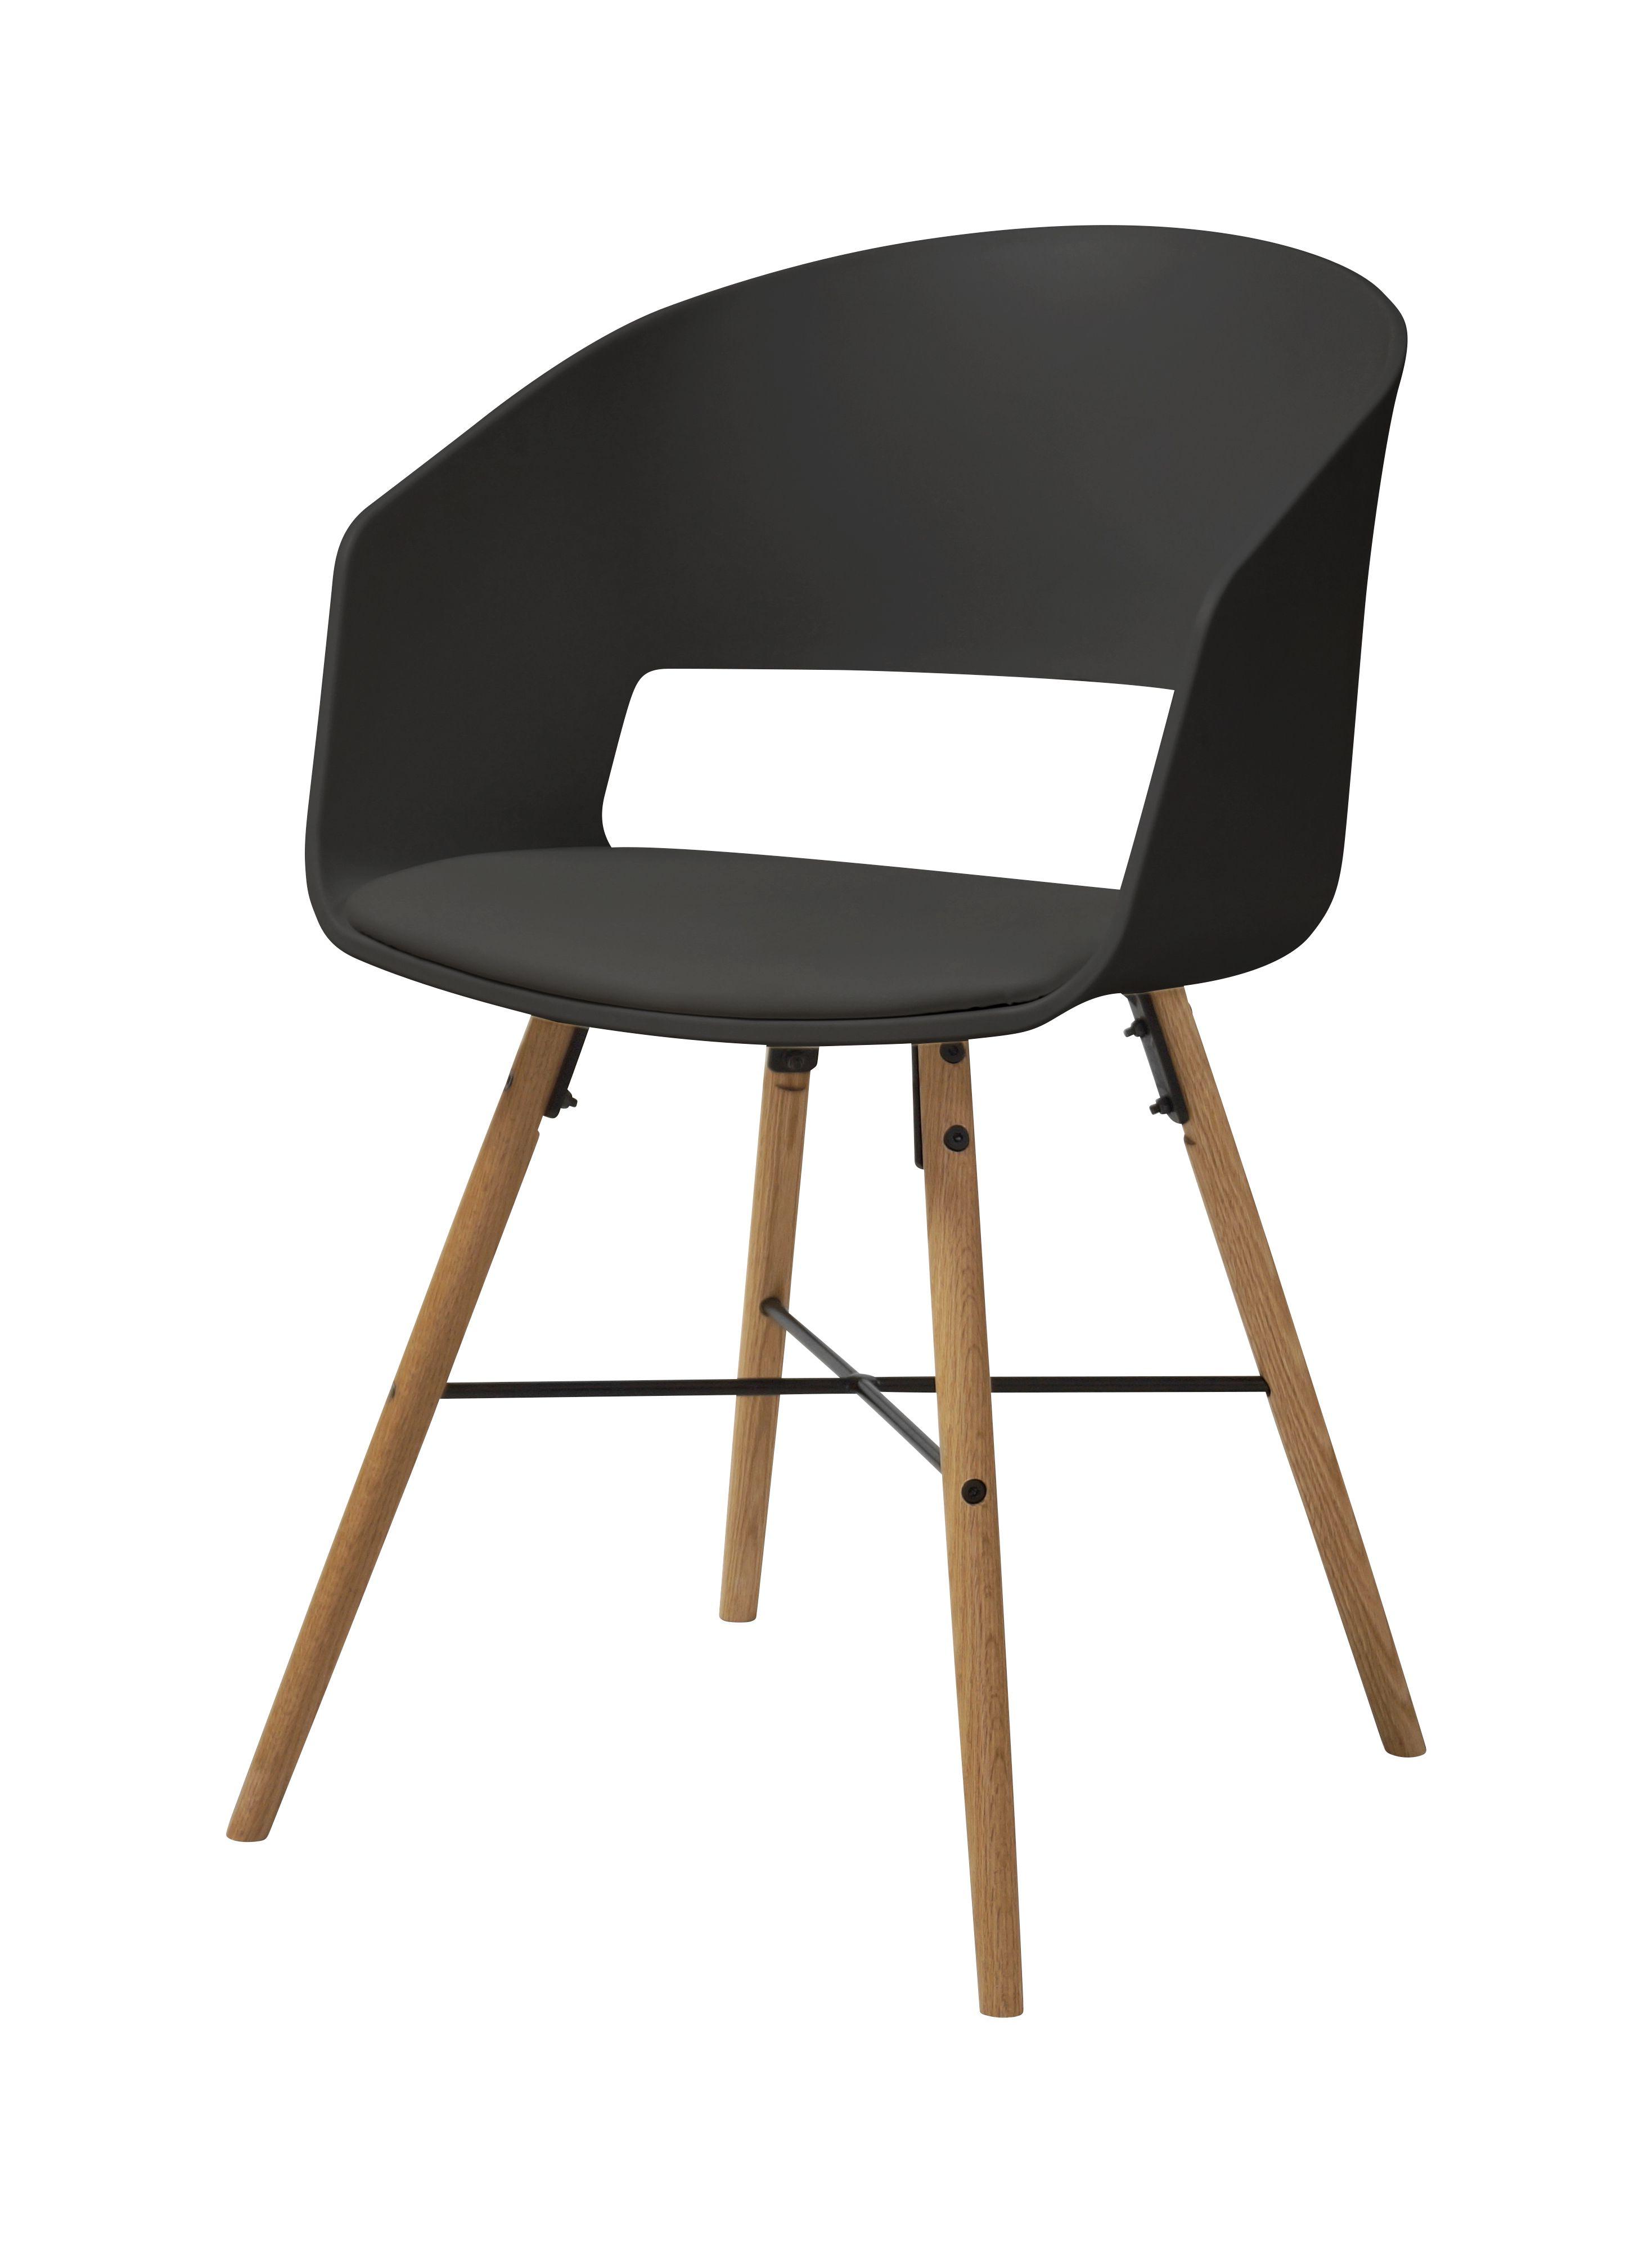 sandinavische_eetkamerstoel_levaleva_zwarte_eetkamerstoel_houten_poten_strakke_stoel_zwart_eettafelstoel_.jpg